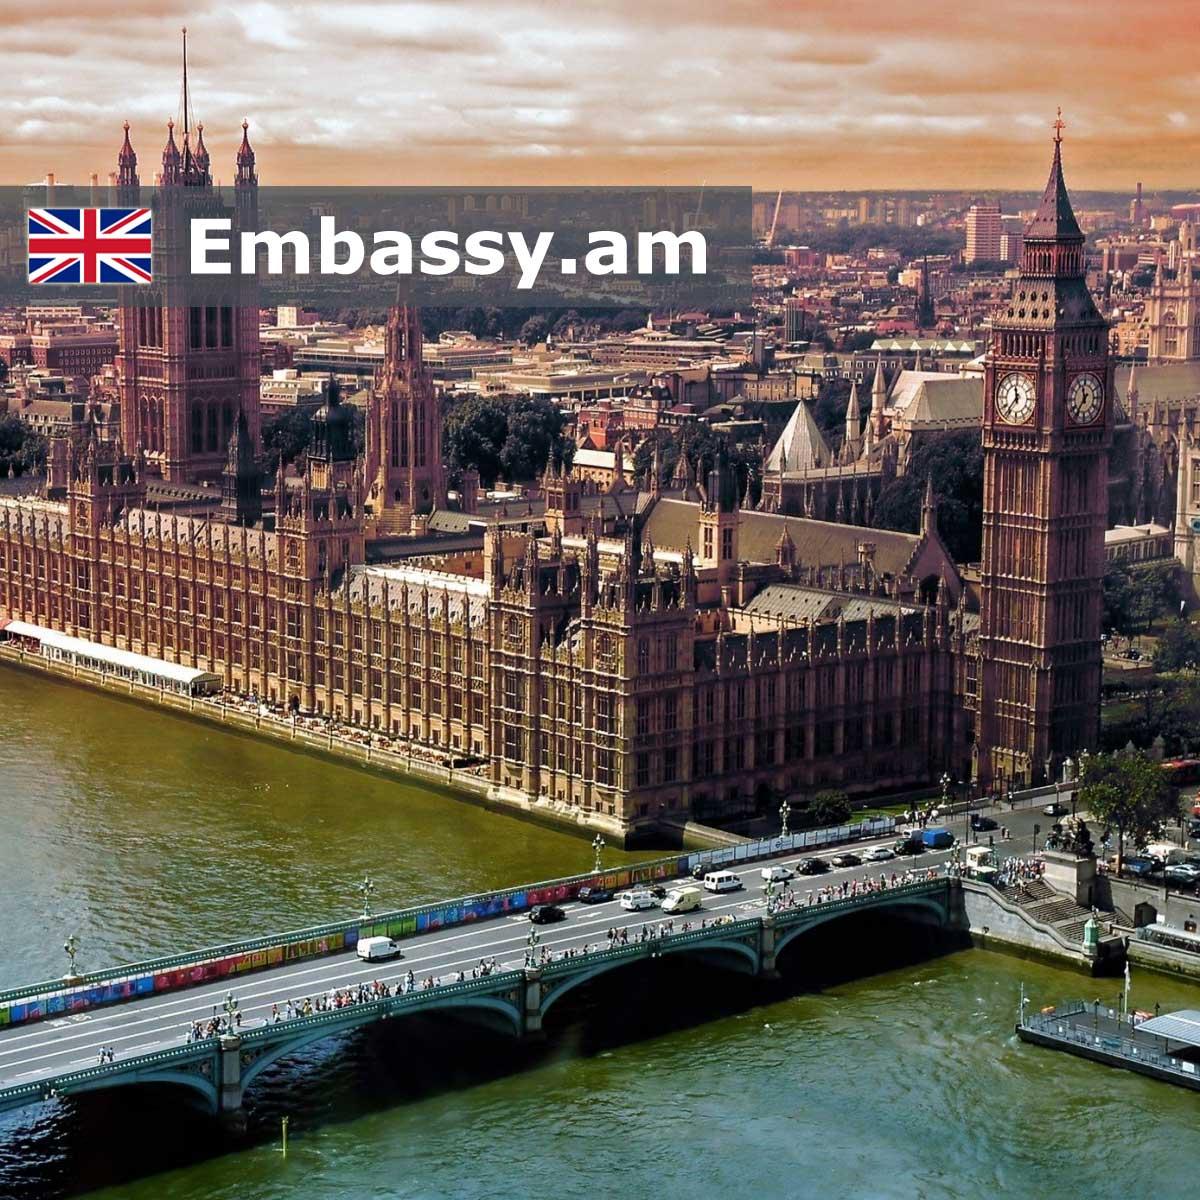 Отели в Великобритании - Embassy.am